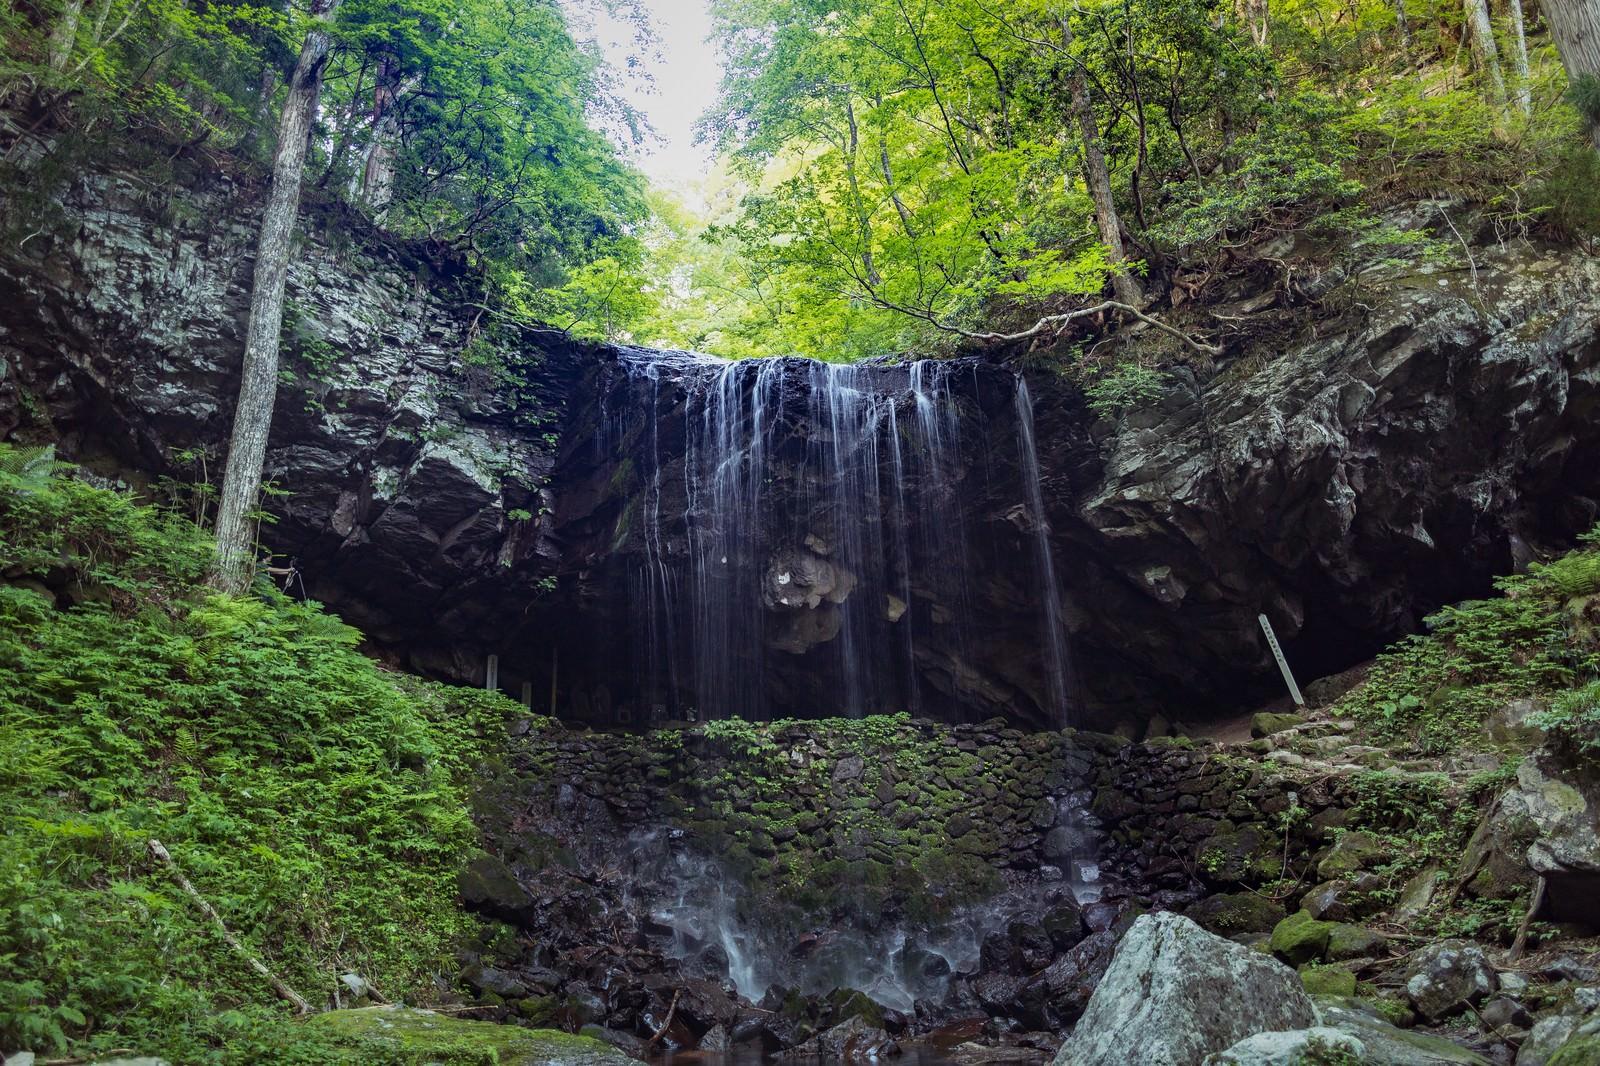 「滝の流れを裏から眺められる裏見の滝、岩井滝(鏡野町)」の写真